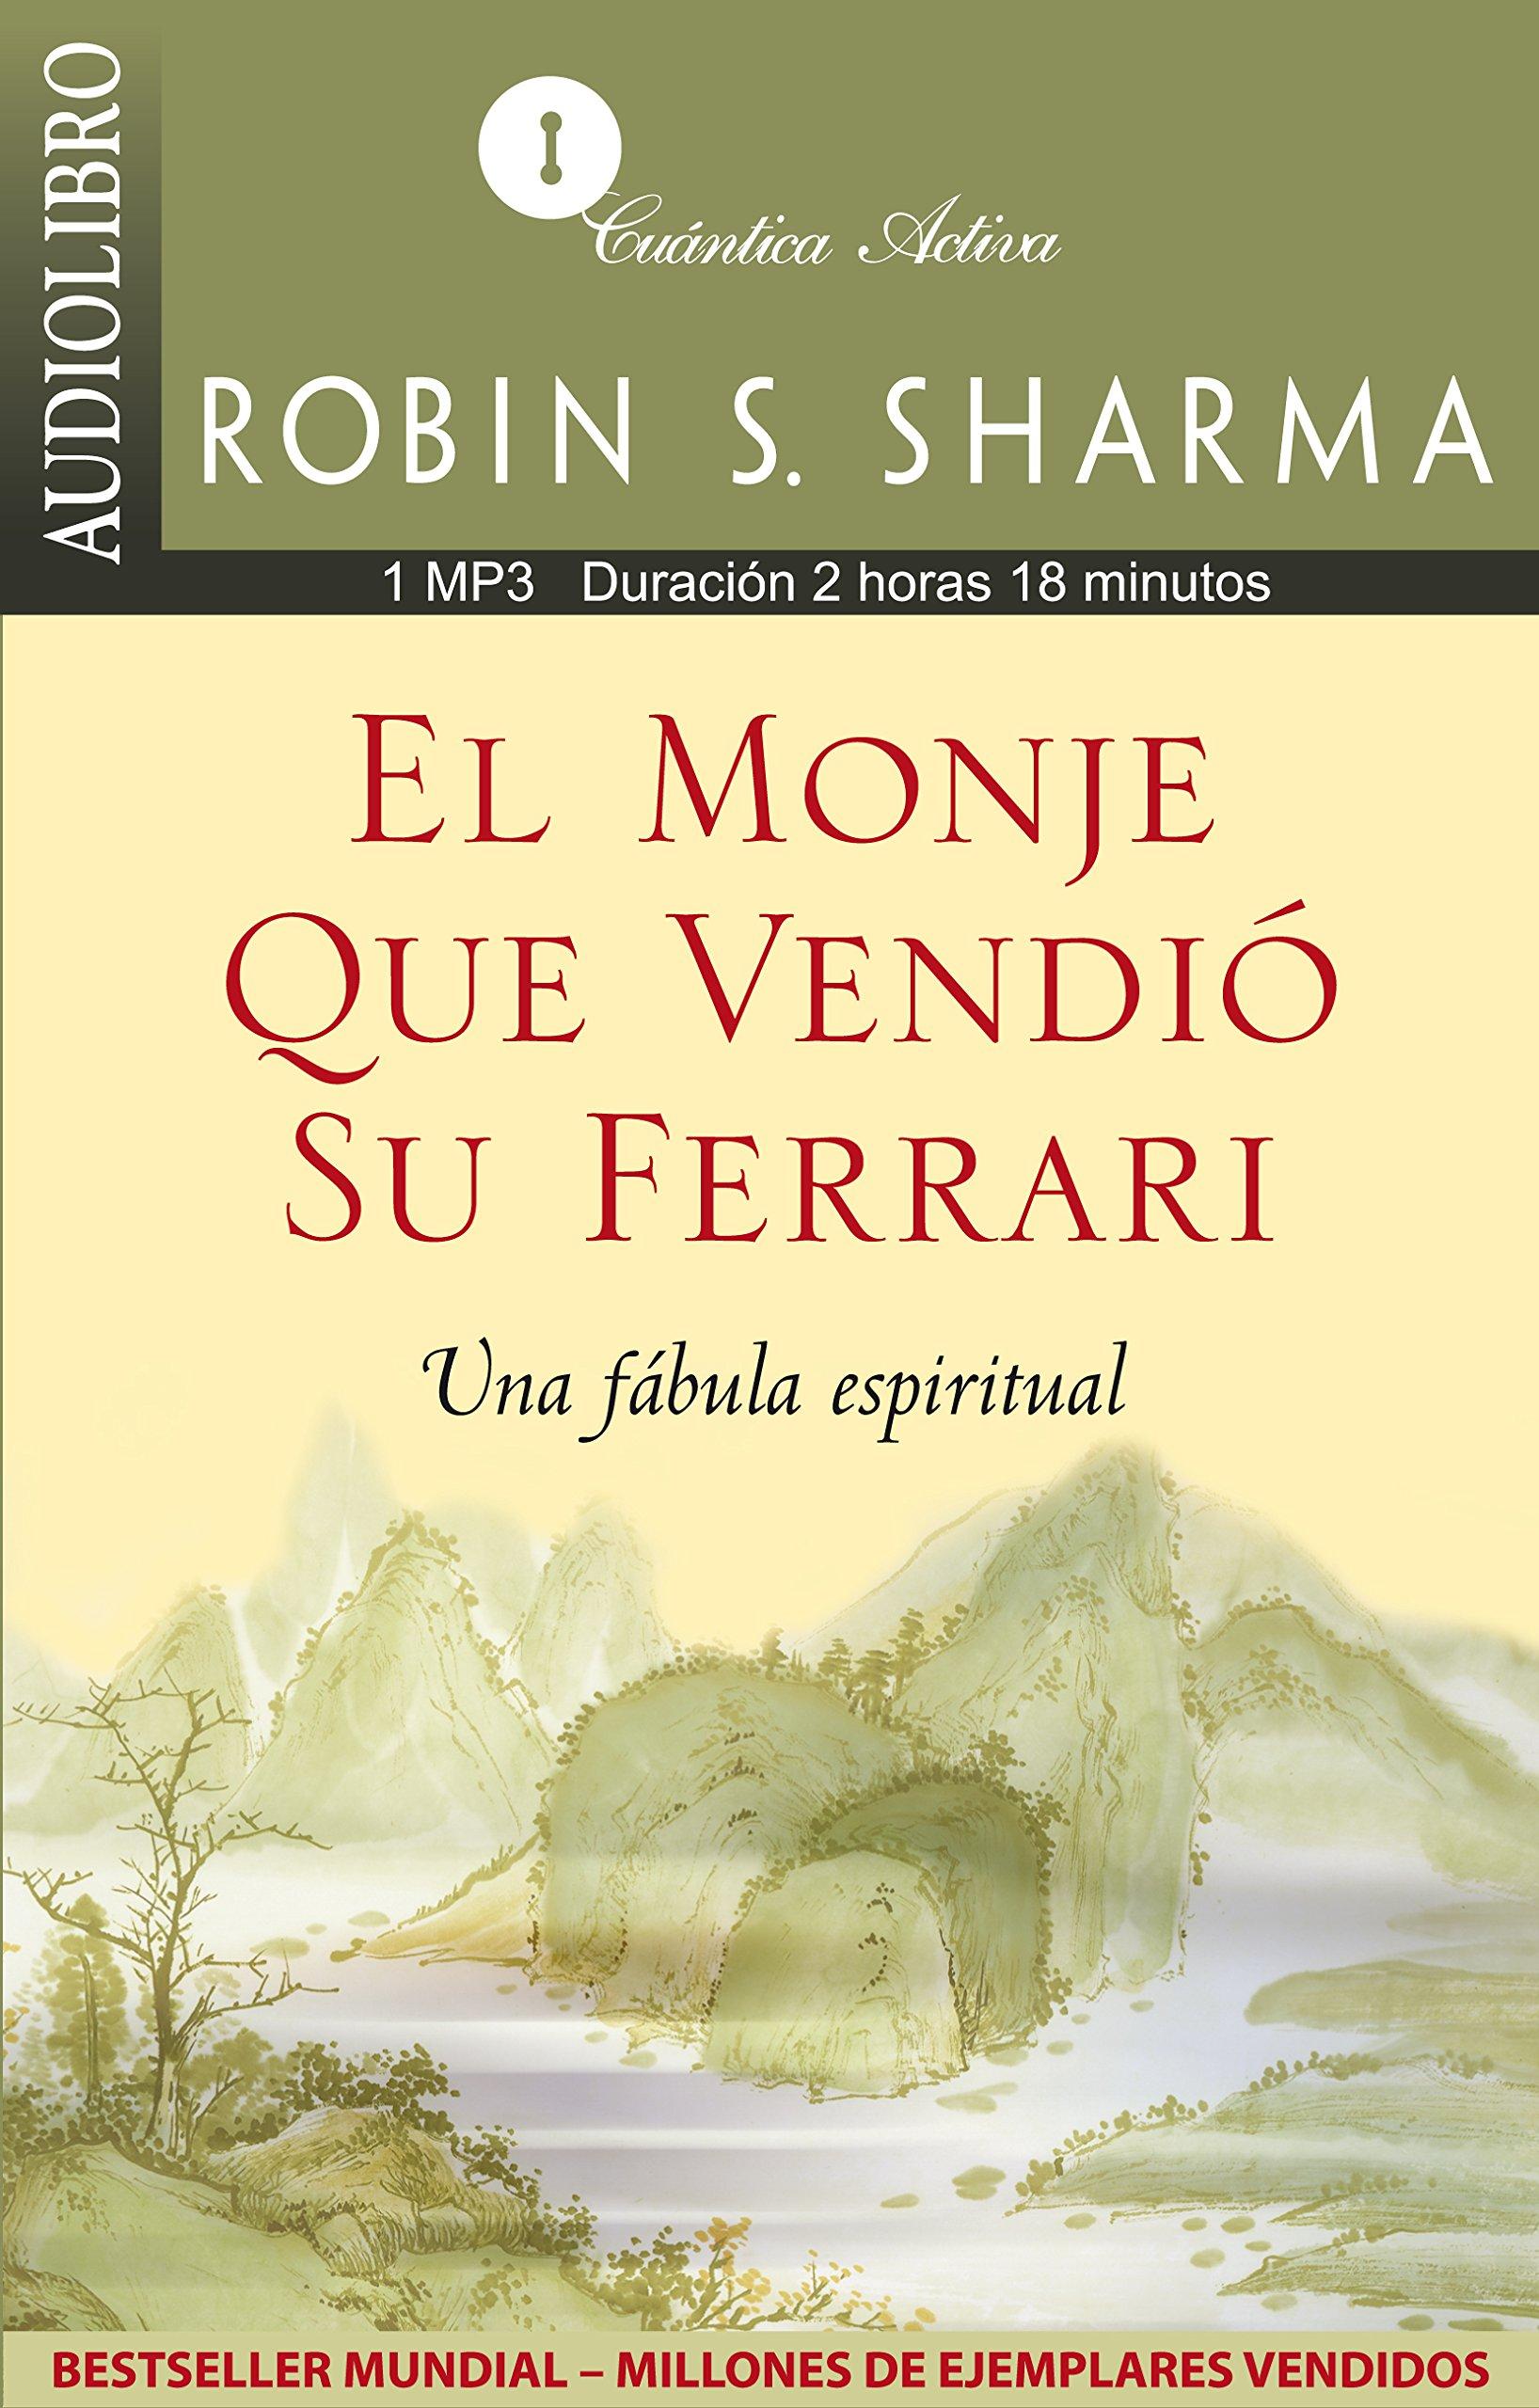 El monje que vendio su ferrari / The Monk Who Sold His Ferrari: Una fabula  espiritual / A Spiritual Fable (Spanish Edition) (Spanish) Audio CD –  Audiobook, ...